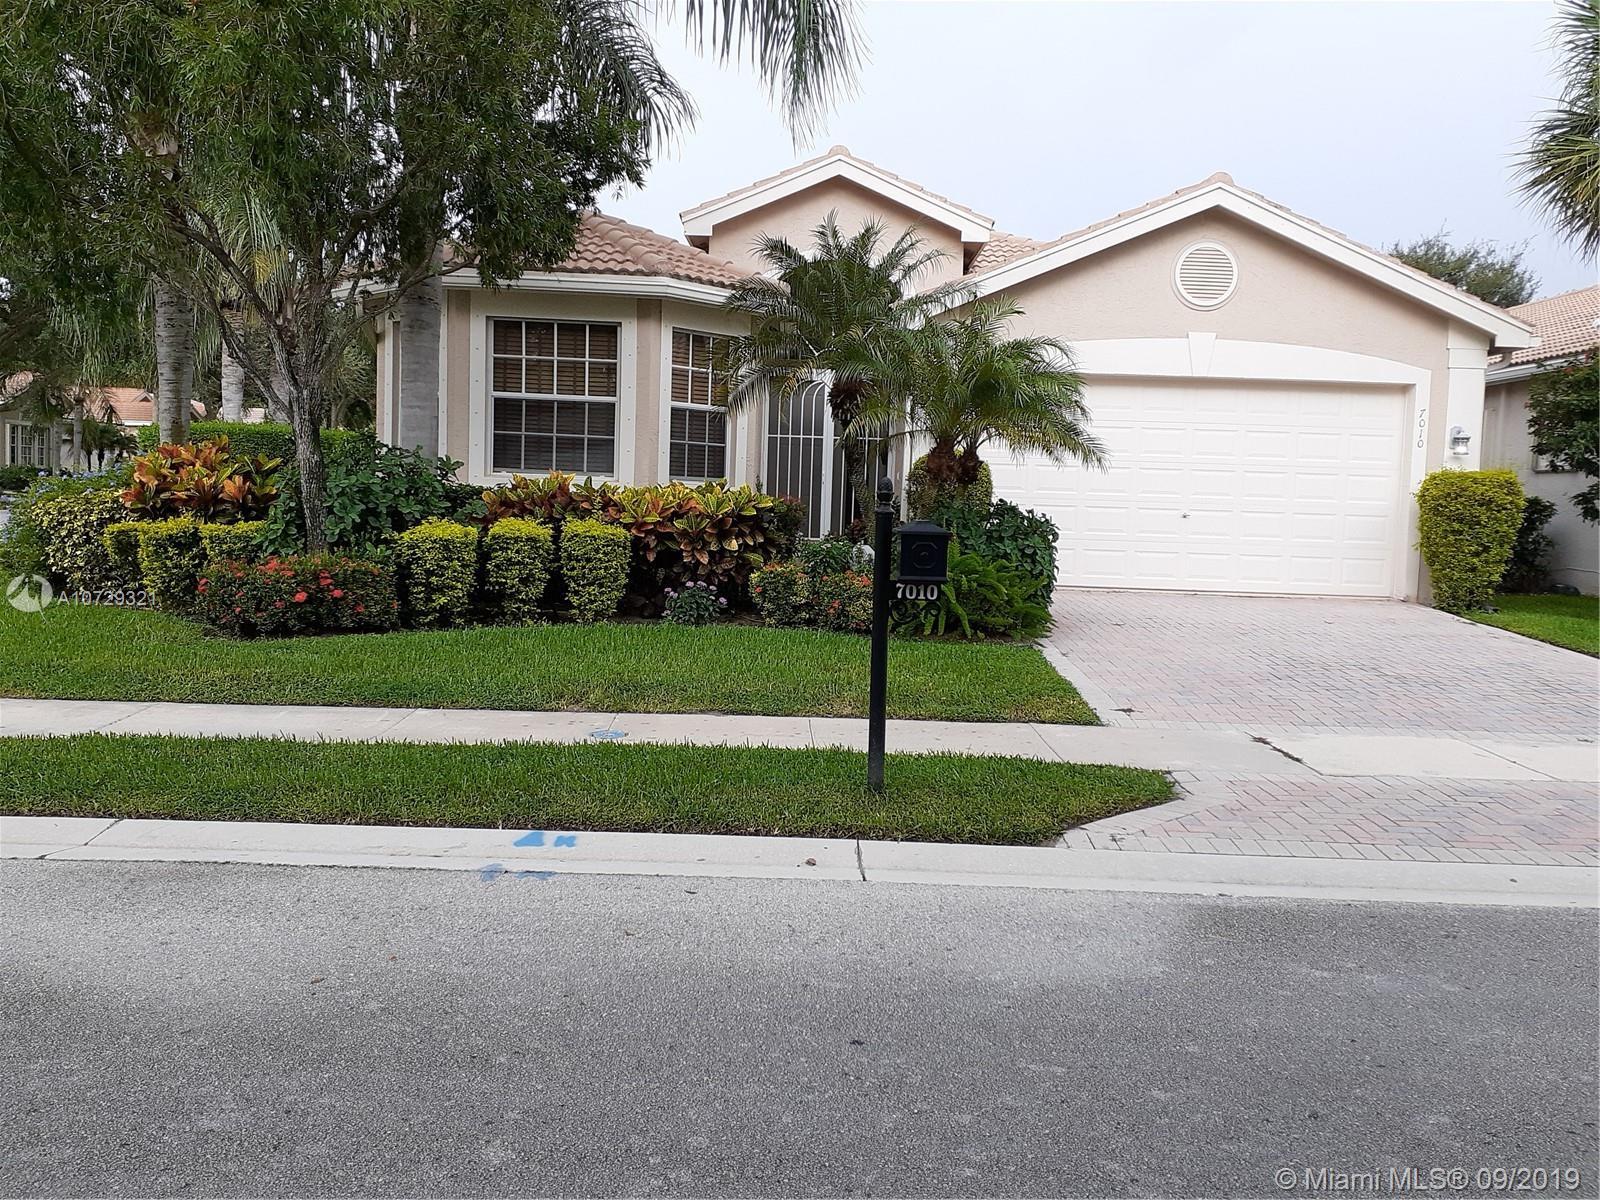 7010 Avila Terrace Way, Delray Beach, FL 33446